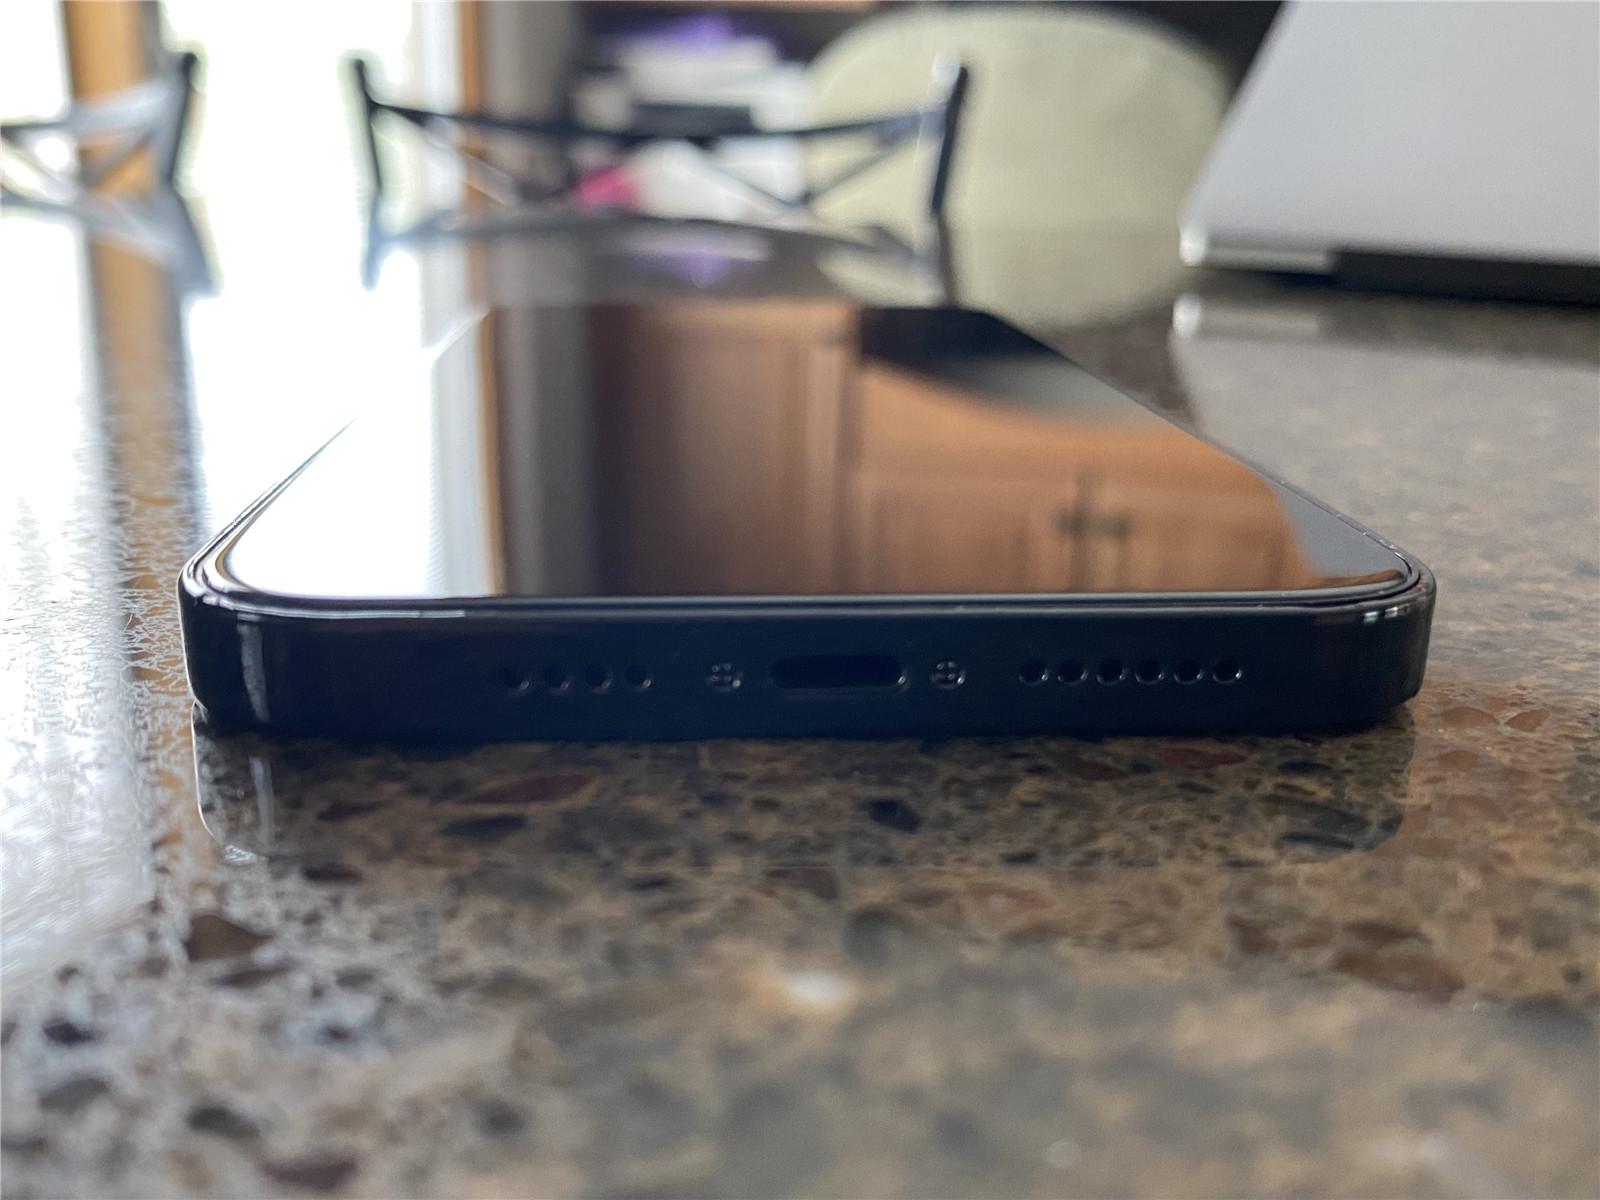 重回iPhone 4!iPhone 12系列机模上手:老外大赞